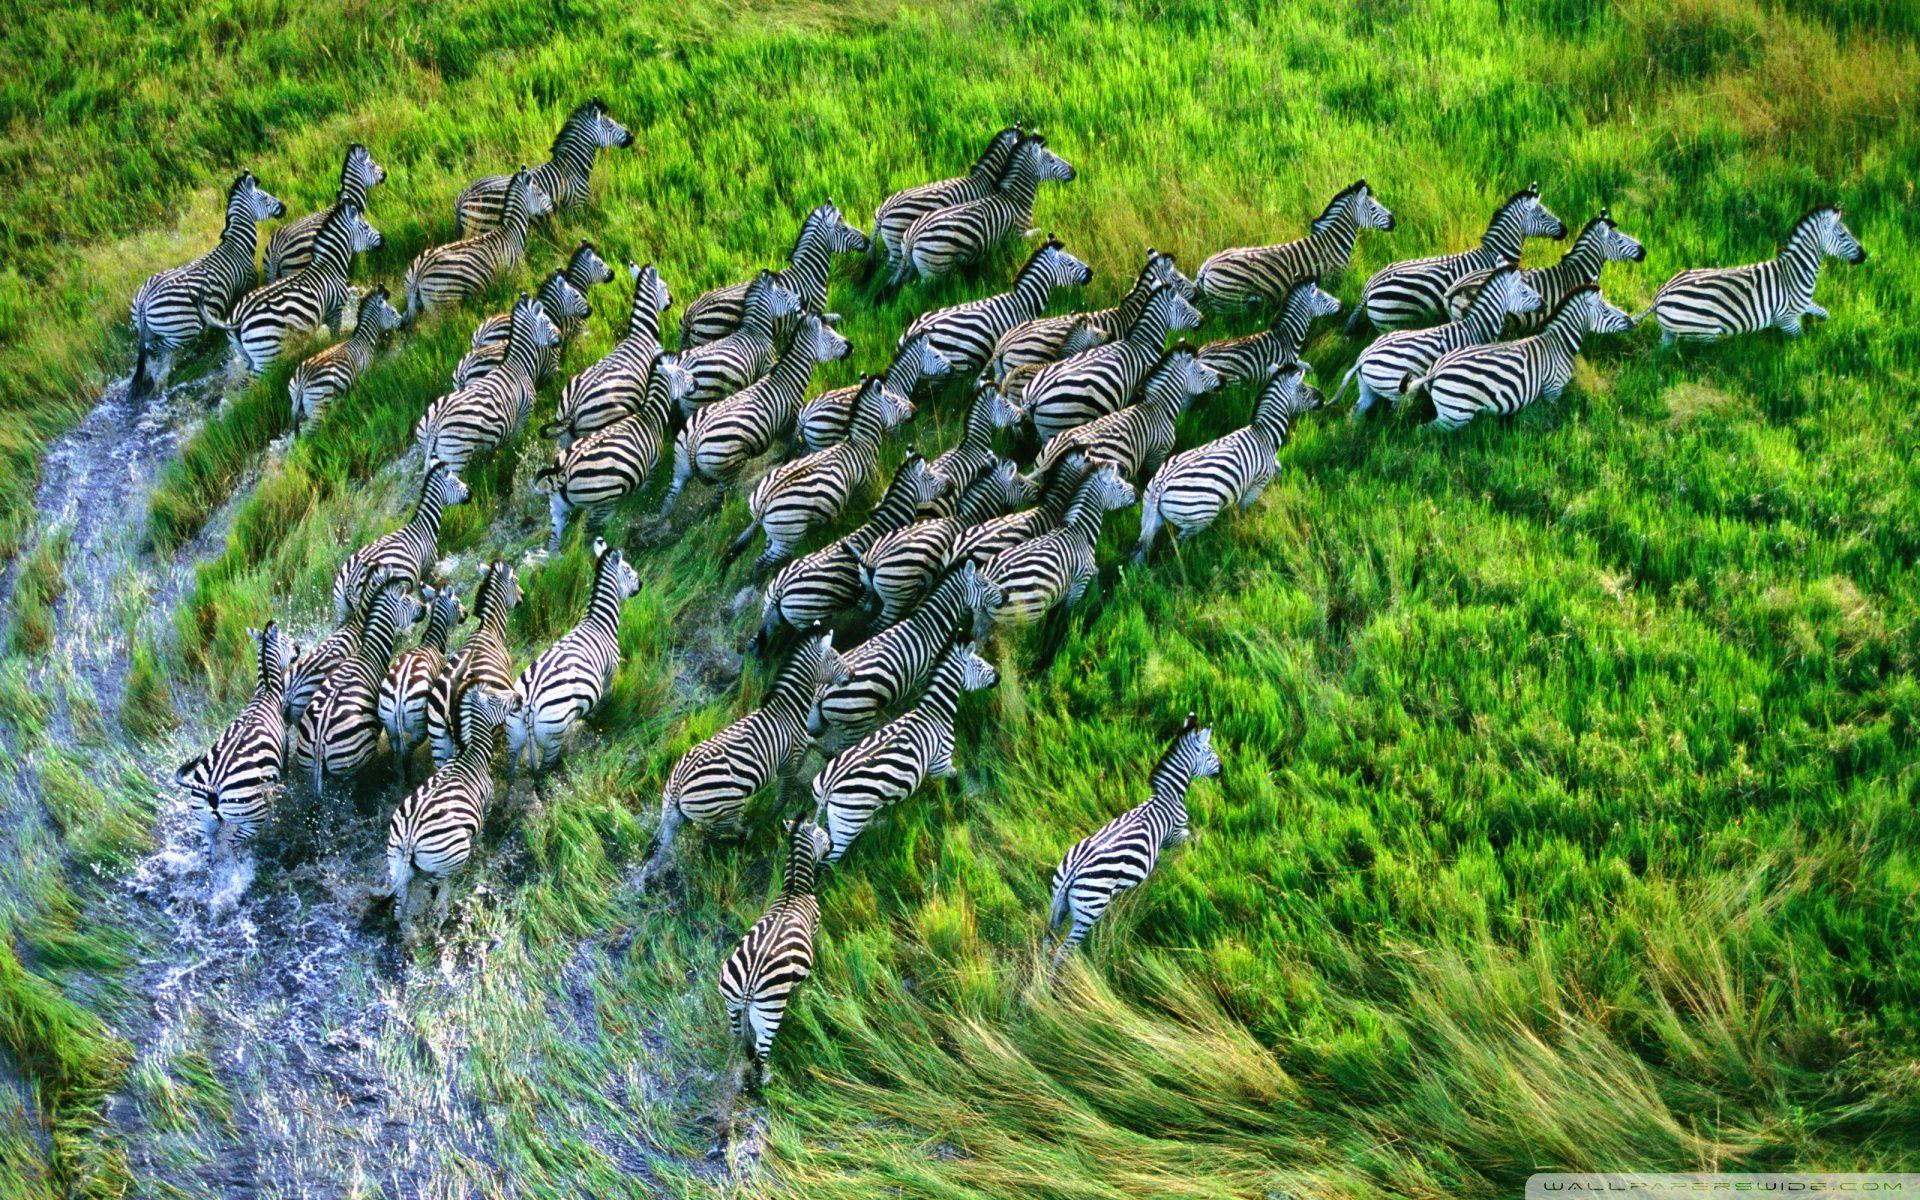 Mac Os X Retina Zebras HD desktop wallpaper High Definition